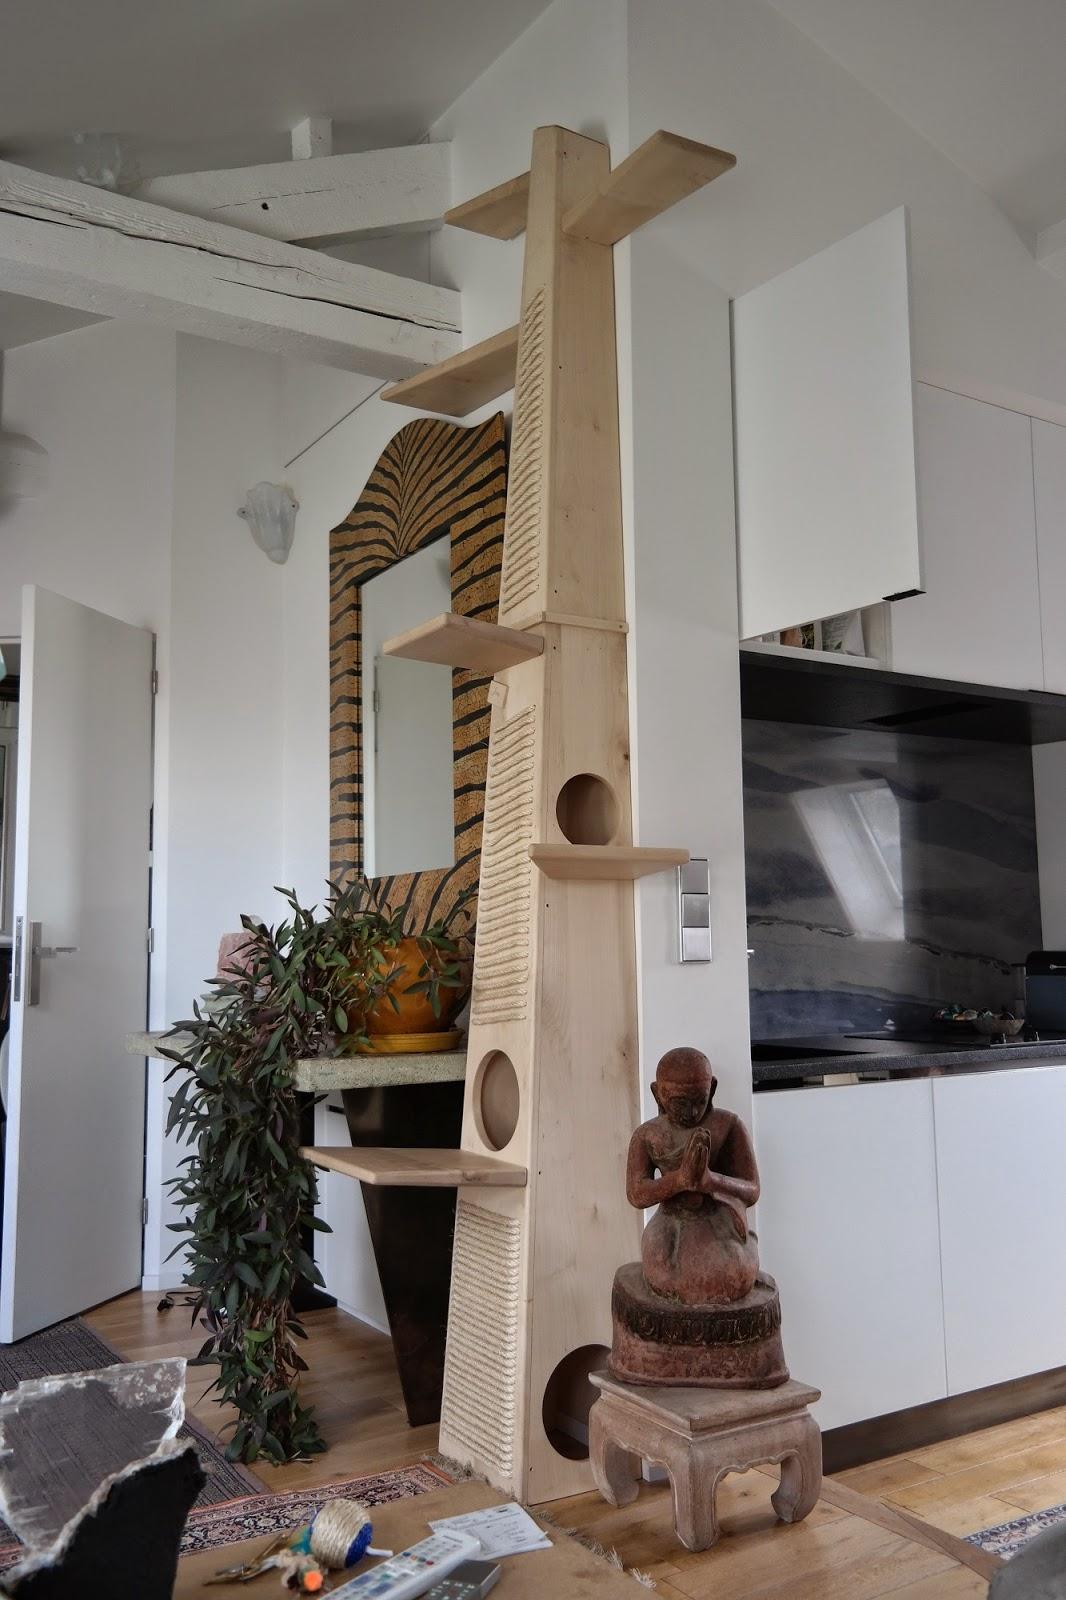 Labo voluptas eb nisterie arbre chat sur mesure - Fabriquer arbre a chat maison ...